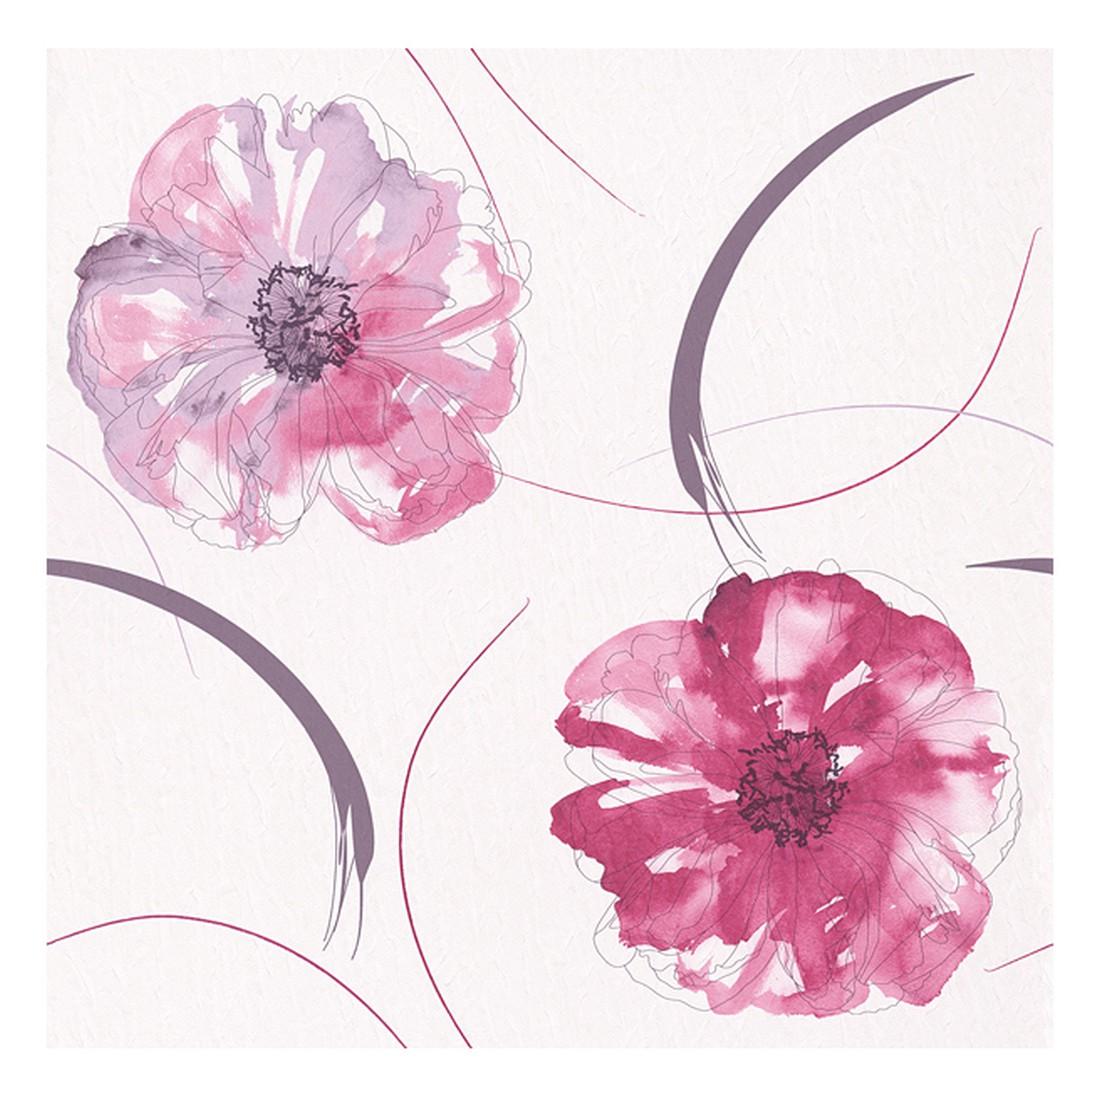 Papiertapete Aquarelle – weiß, erikaviolett, pastellviolett, glänzend – glatt, Home24Deko günstig